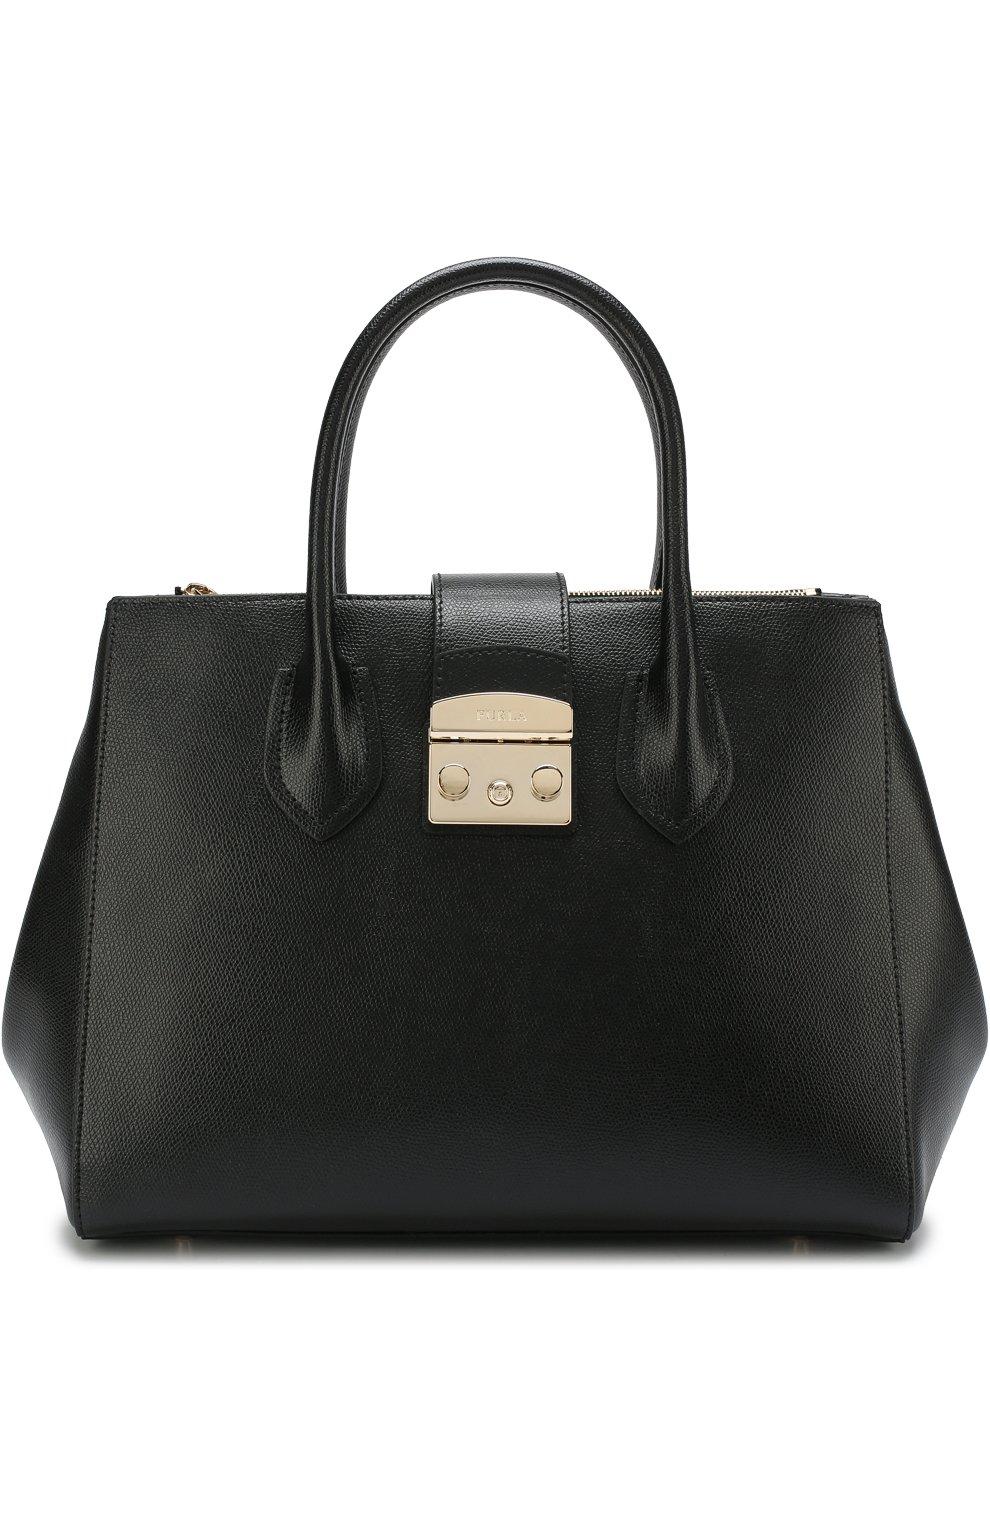 Женская сумка-тоут metropolis FURLA черного цвета — купить за 27500 ... 6a68f72a37a